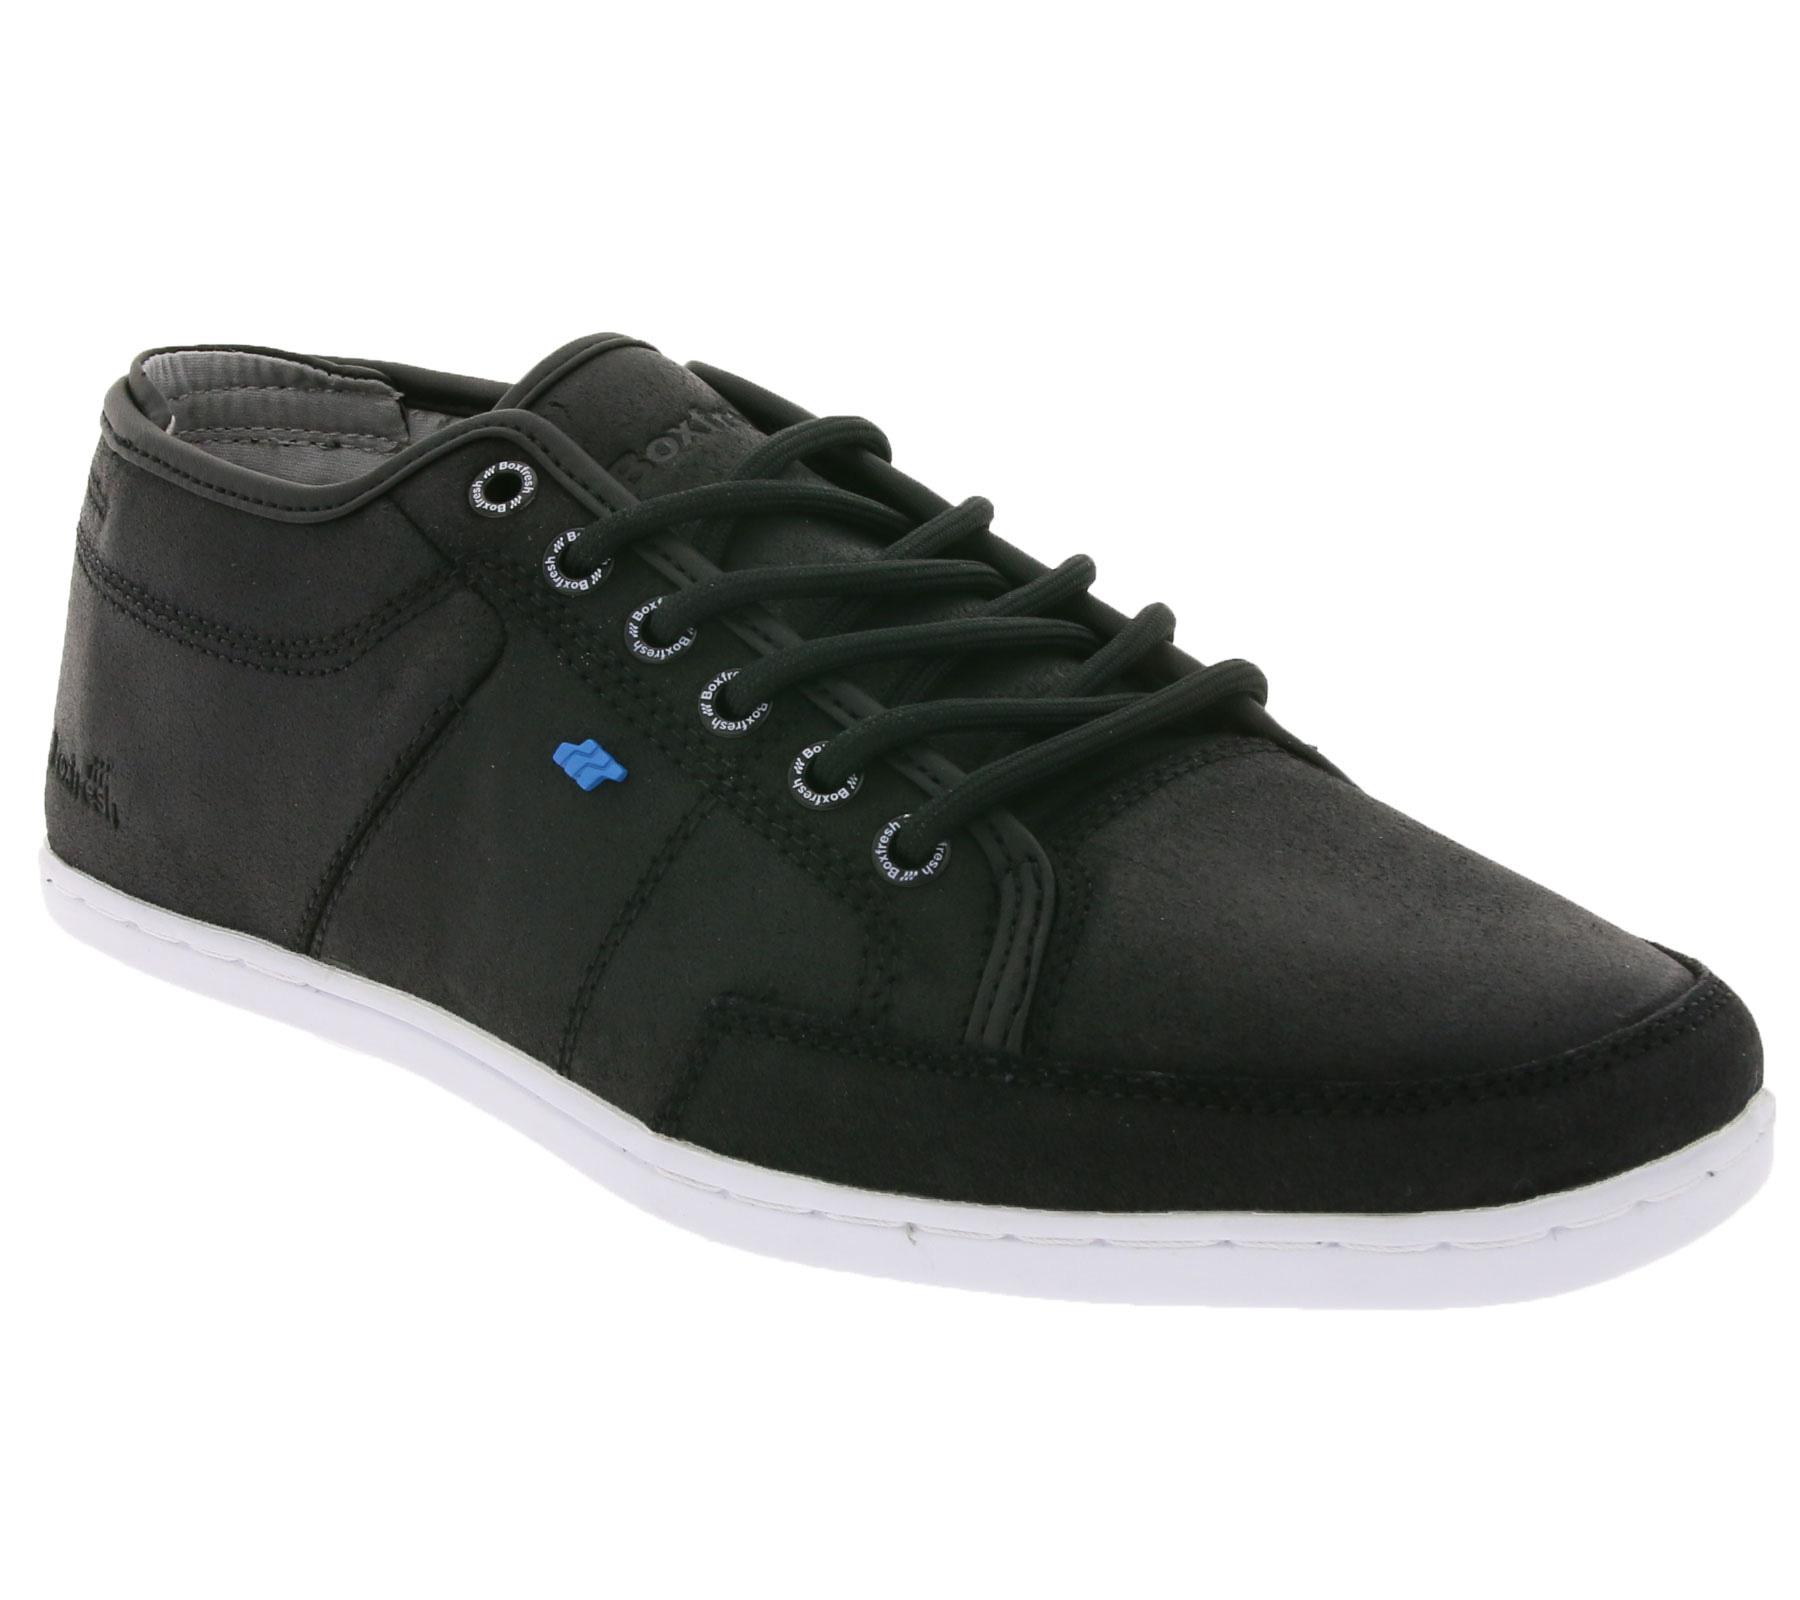 Herren Schuhe günstig im SALE online kaufen auf Rechnung 3